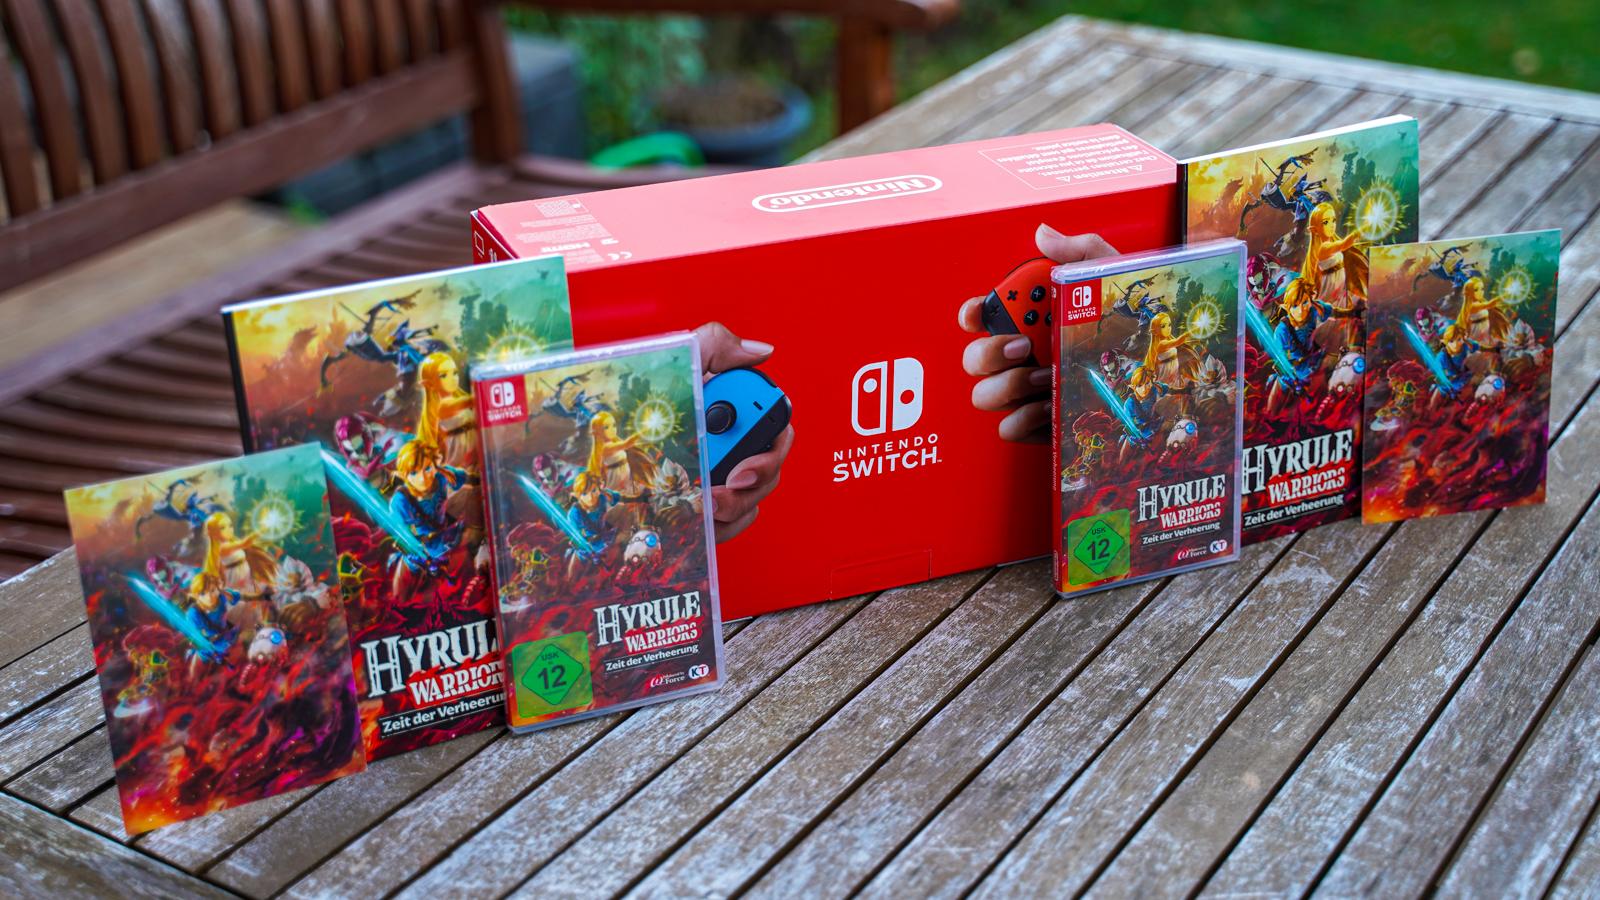 Gewinne Eine Nintendo Switch Mit Hyrule Warriors Zeit Der Verheerung